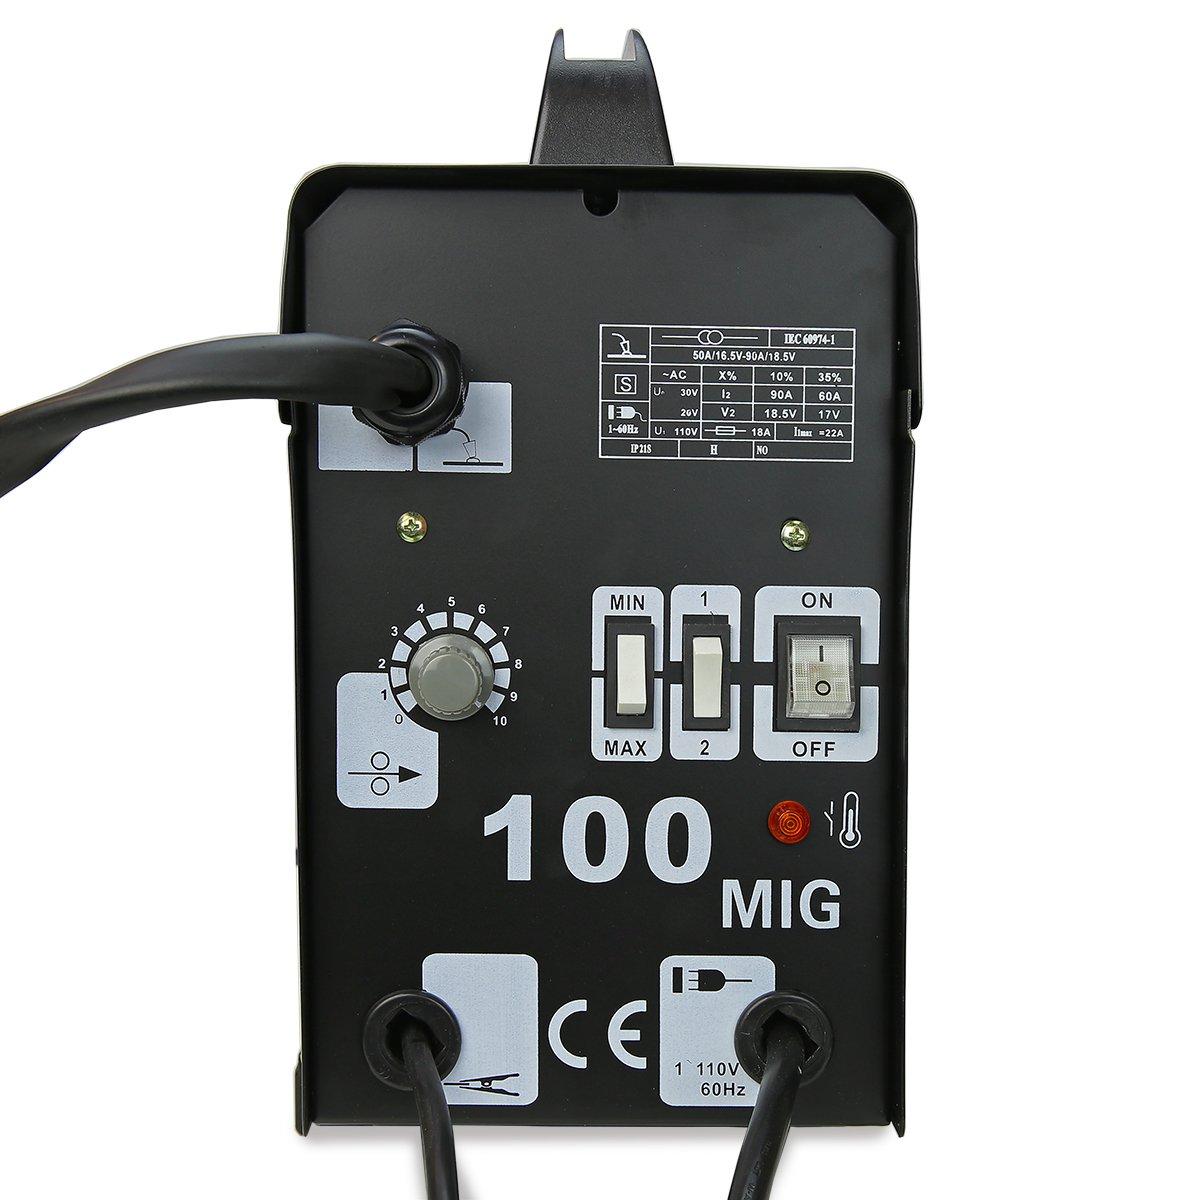 XtremepowerUS 100 AMP MIG Welder Welding Machine With Accessories by XtremepowerUS (Image #2)